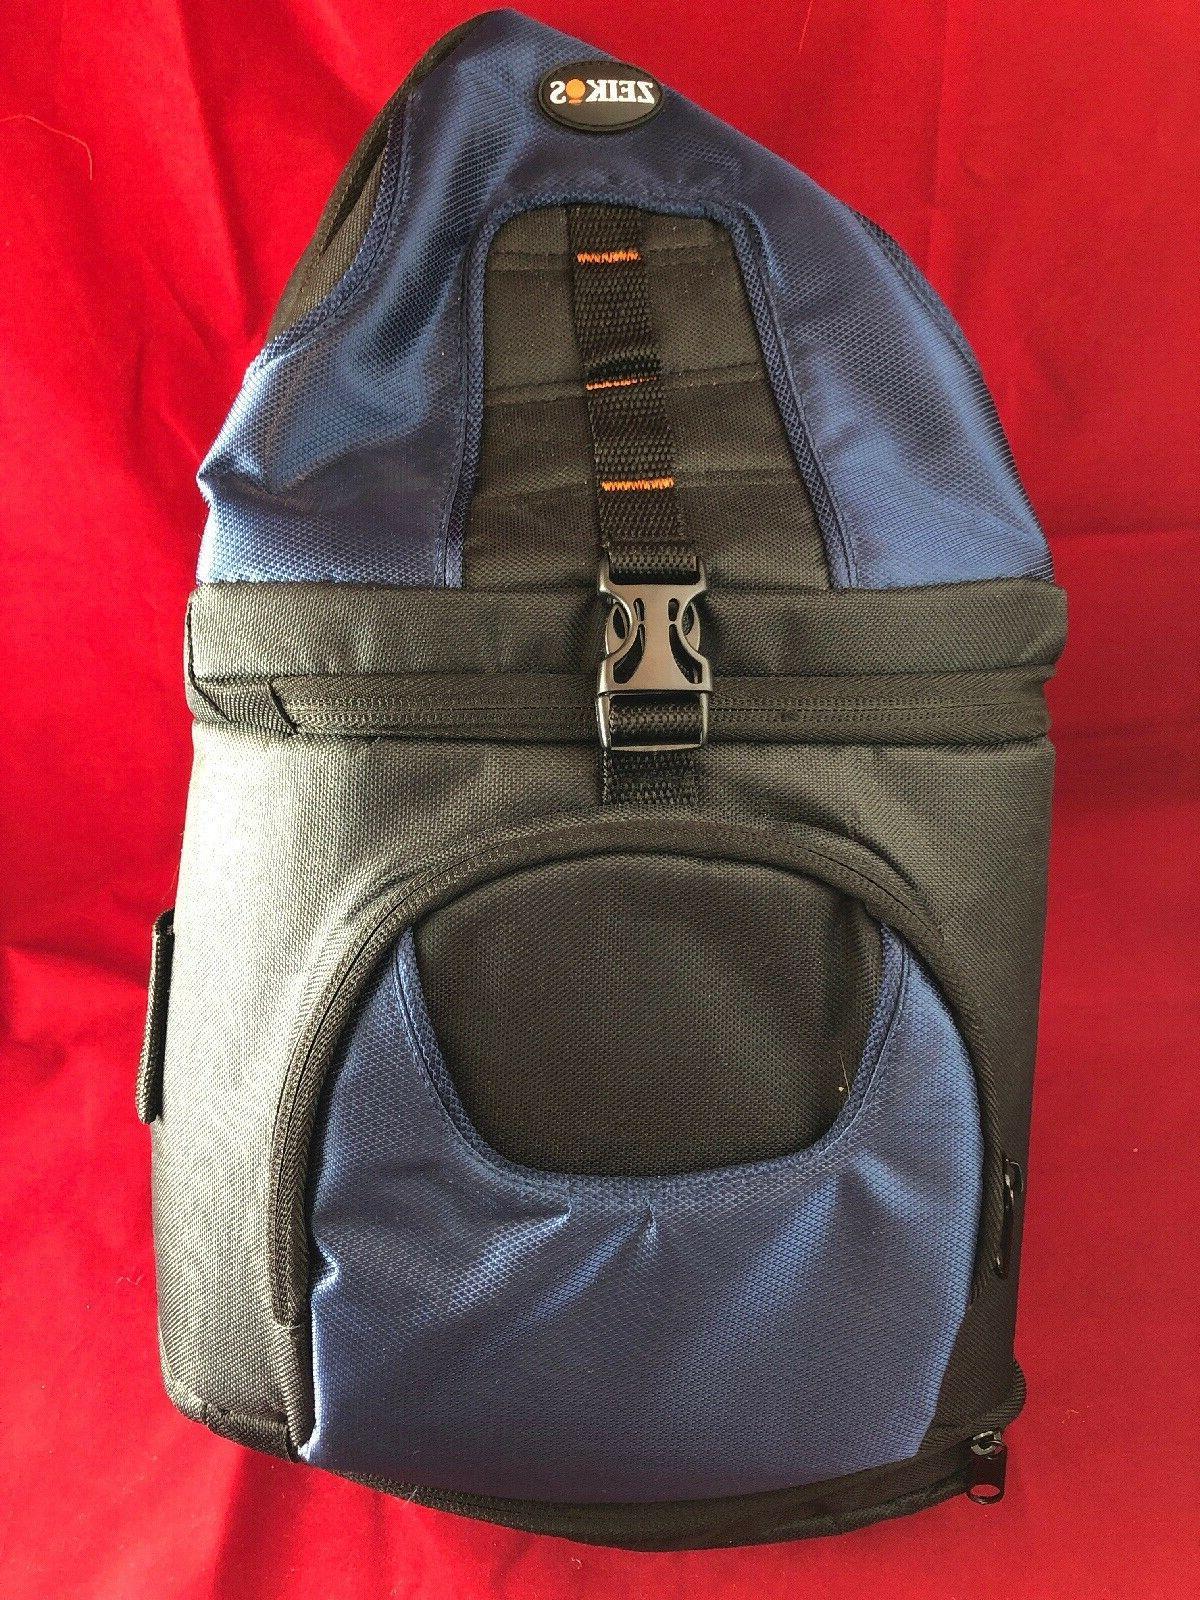 dslr large camera bag pack case w